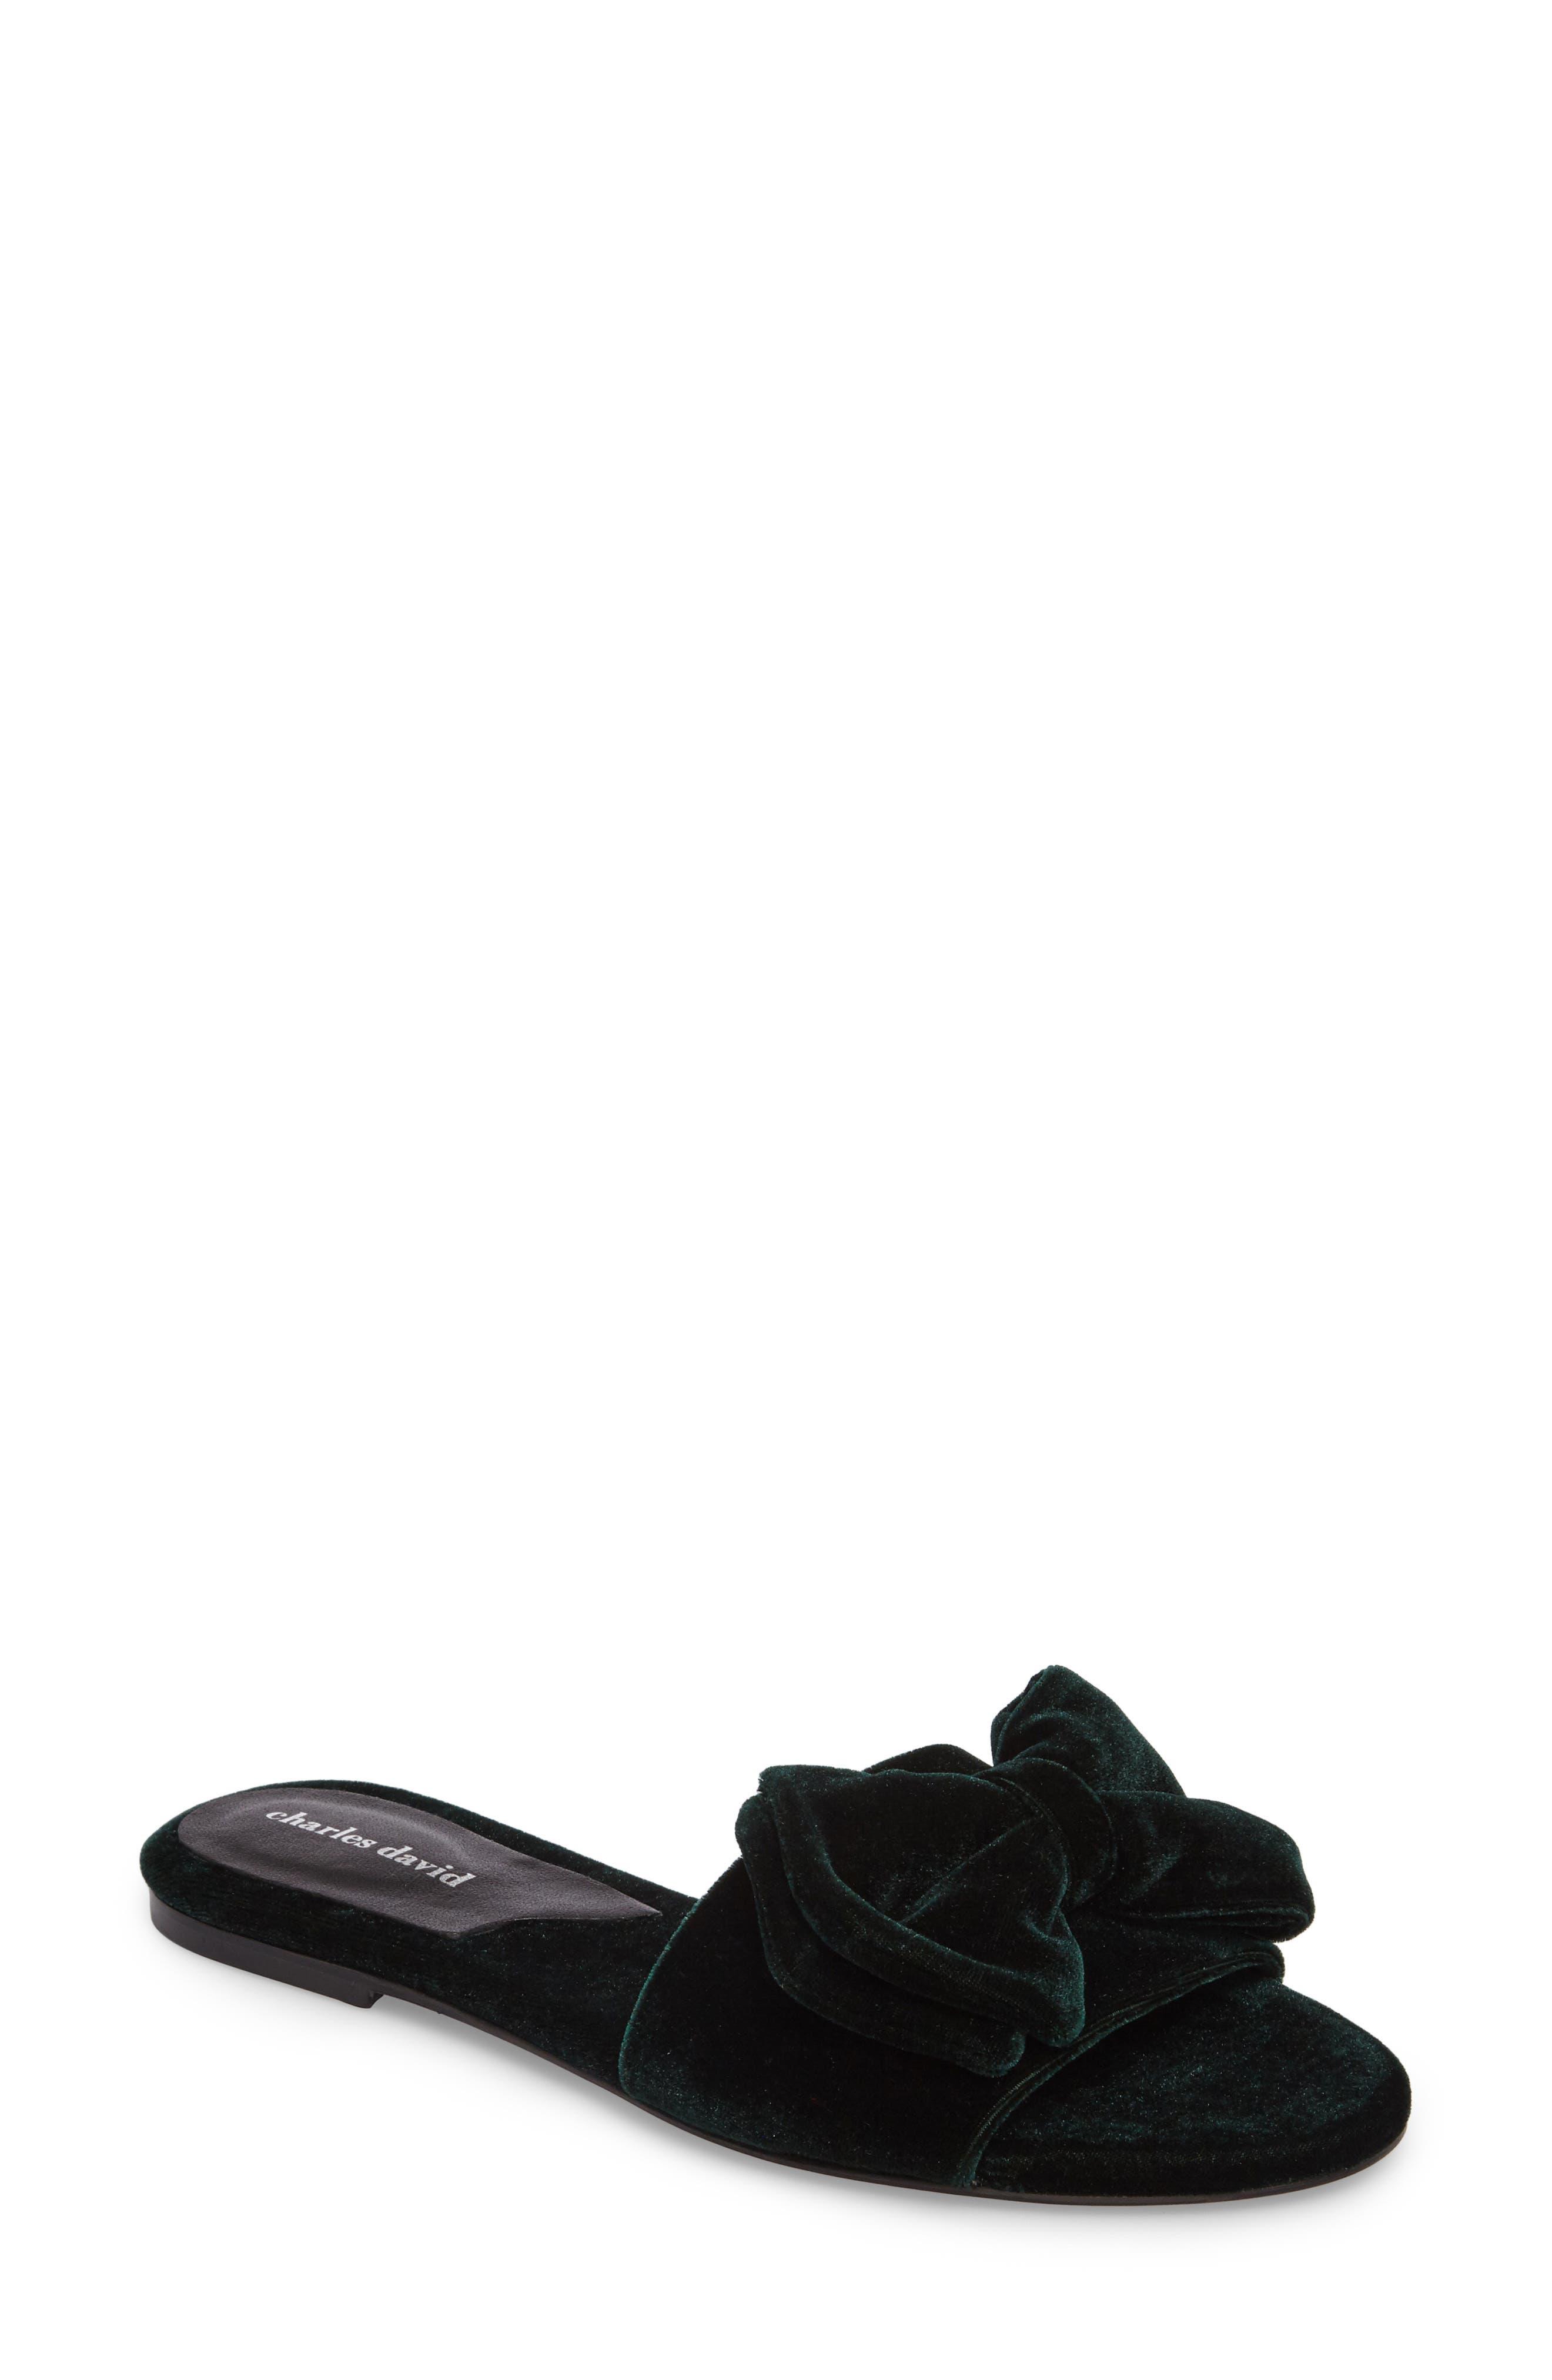 Charles David Bow Slide Sandal (Women)